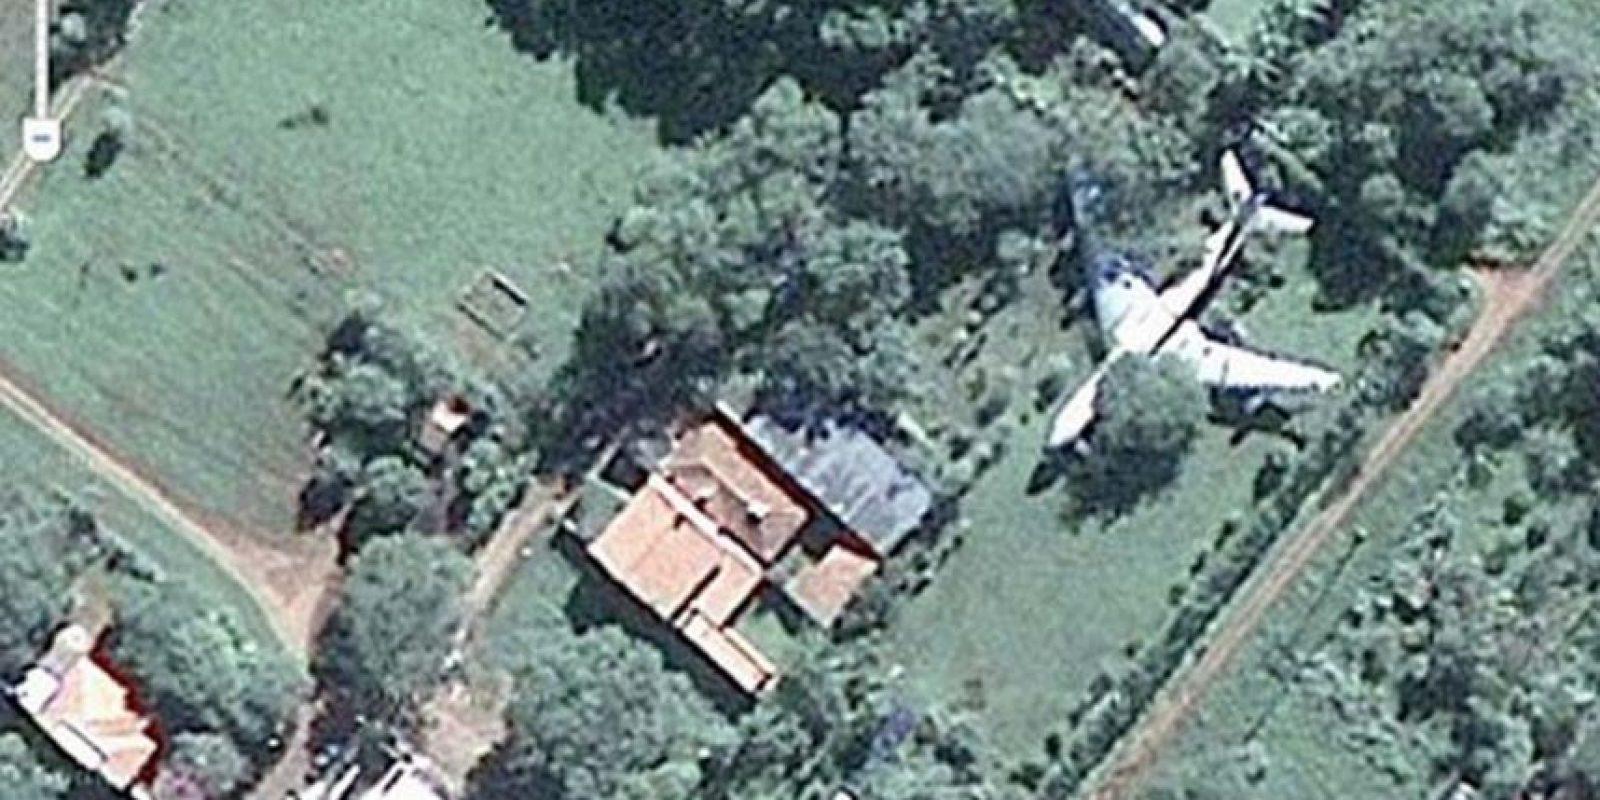 Un avión estacionado en un jardín junto a un árbol. Foto:Google